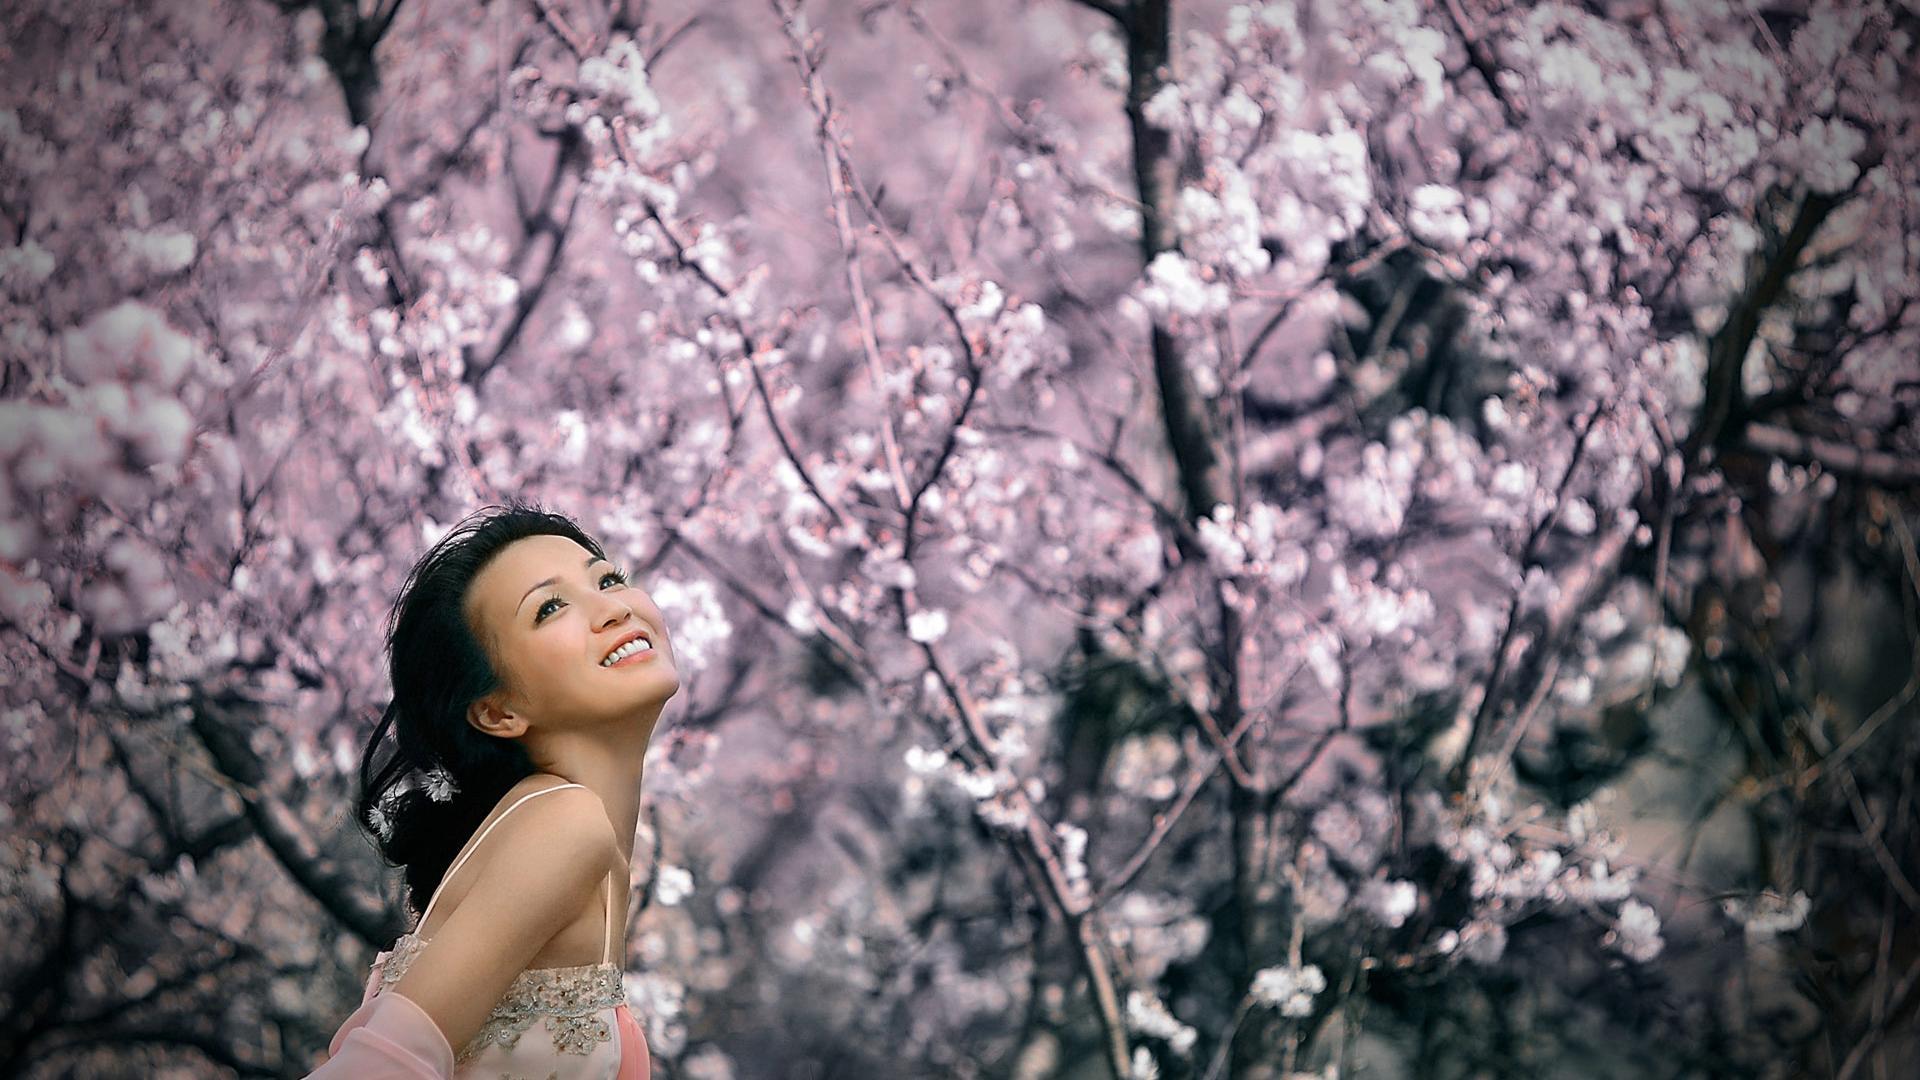 Японка улыбка сакура цветение обои